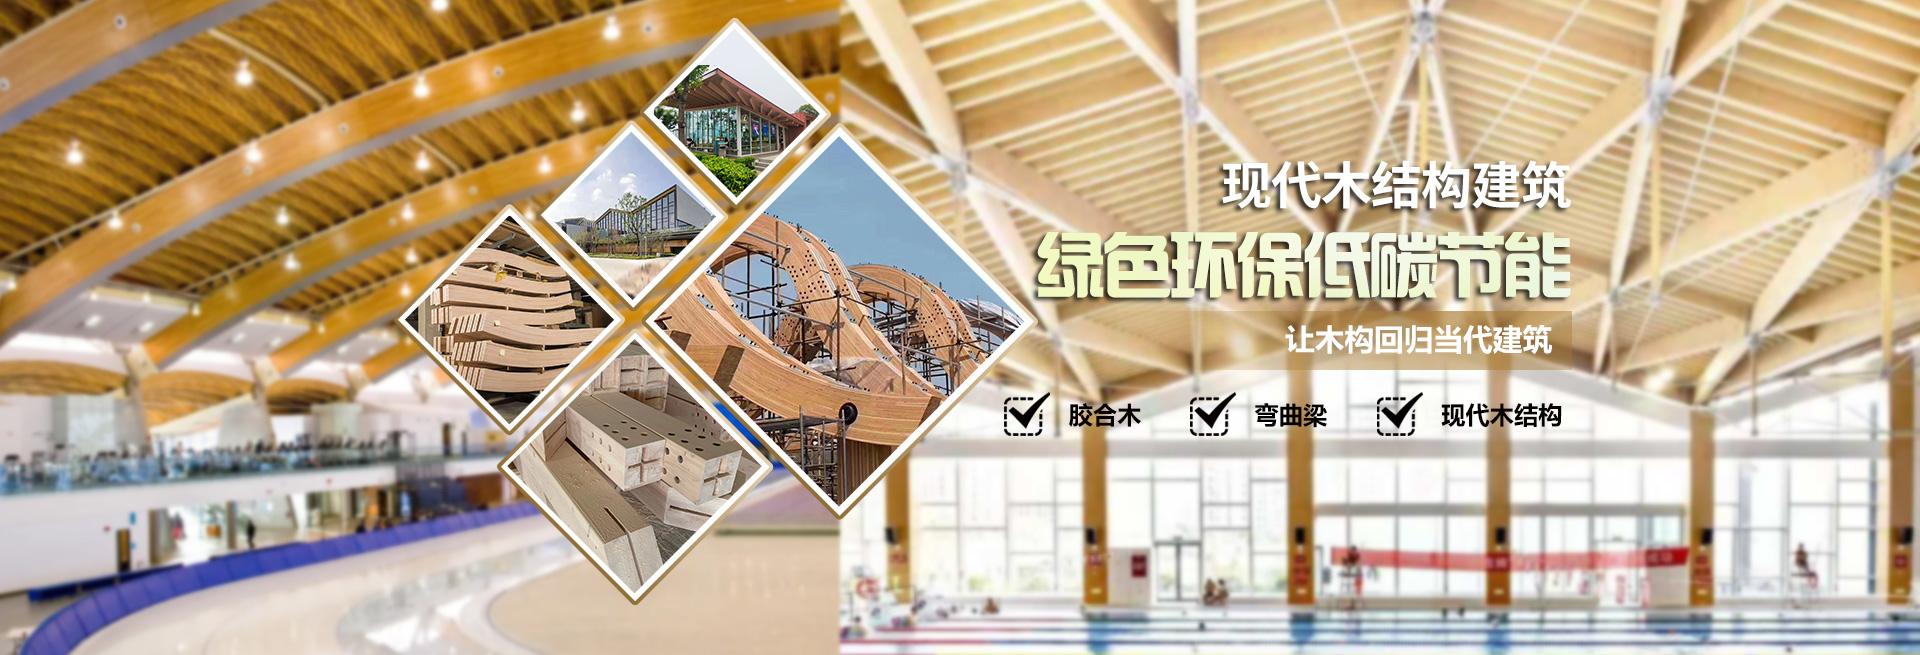 防腐木走廊,防腐木凉亭, 防腐木景观设计施工一体化服务,防腐木工程